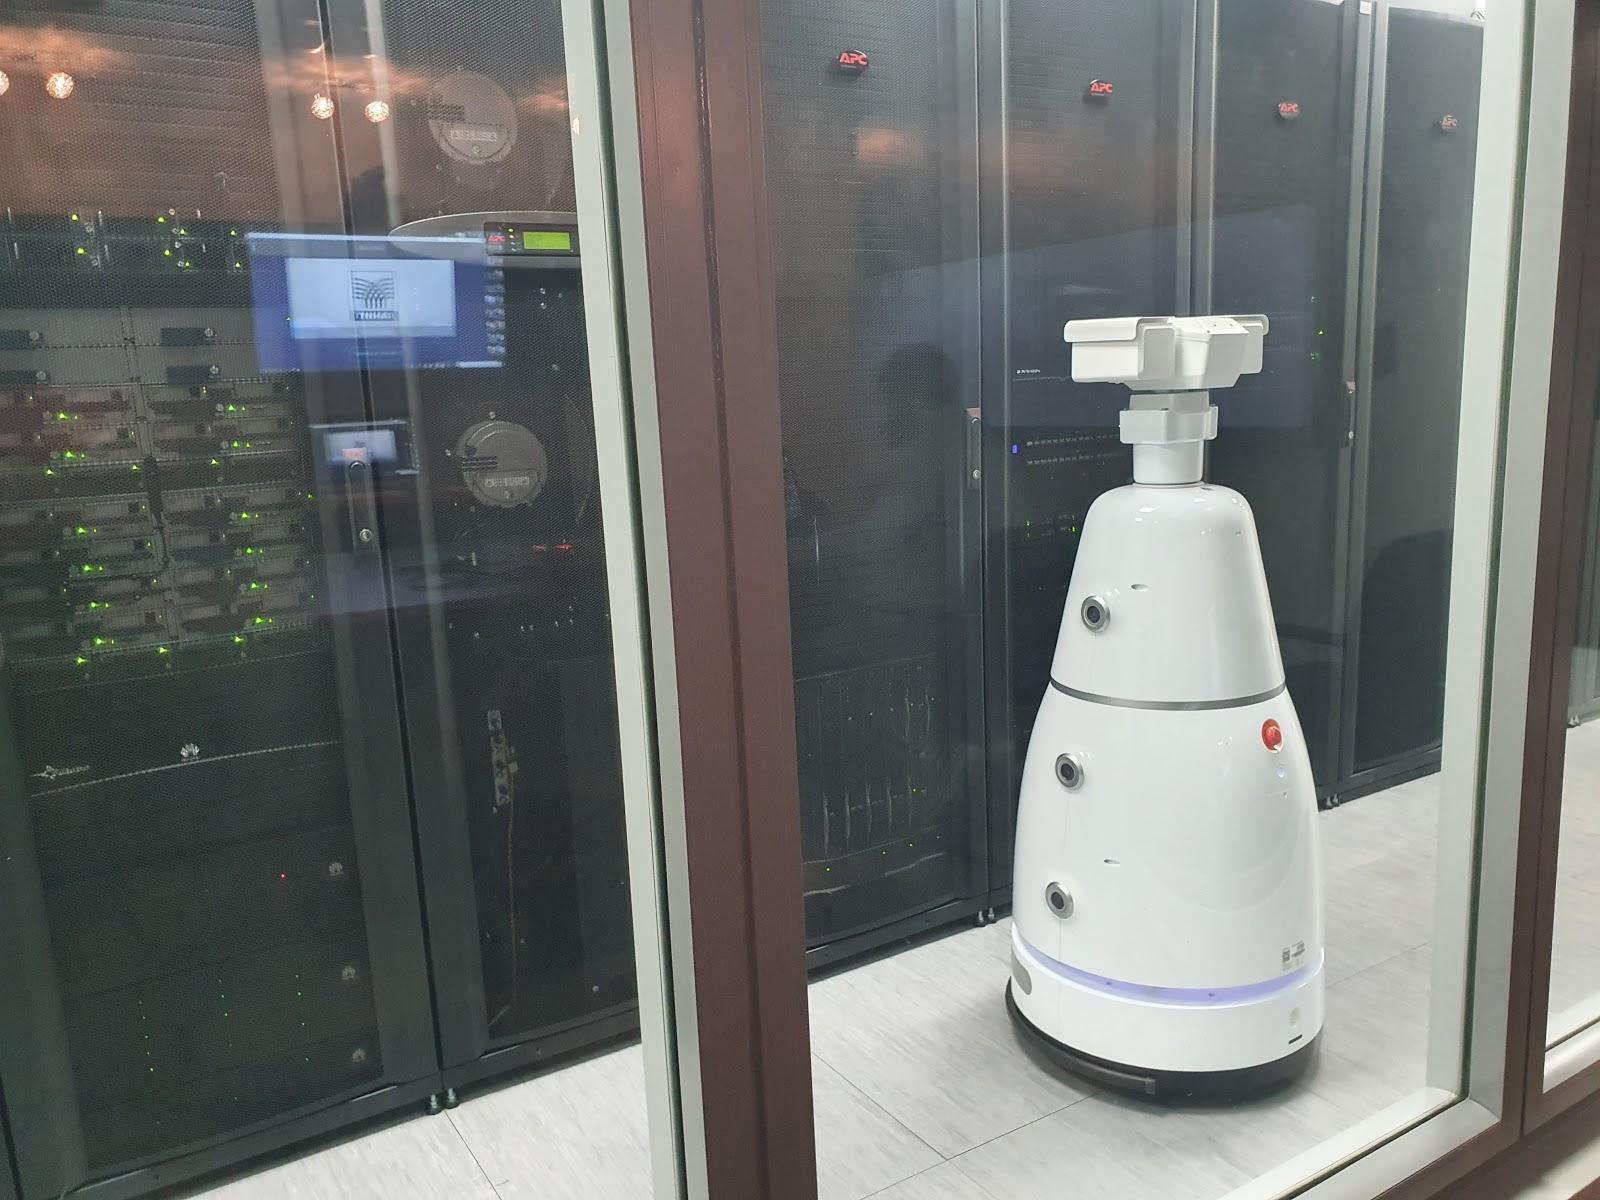 Будущее наступает: китайские роботы приехали в Россию - 17